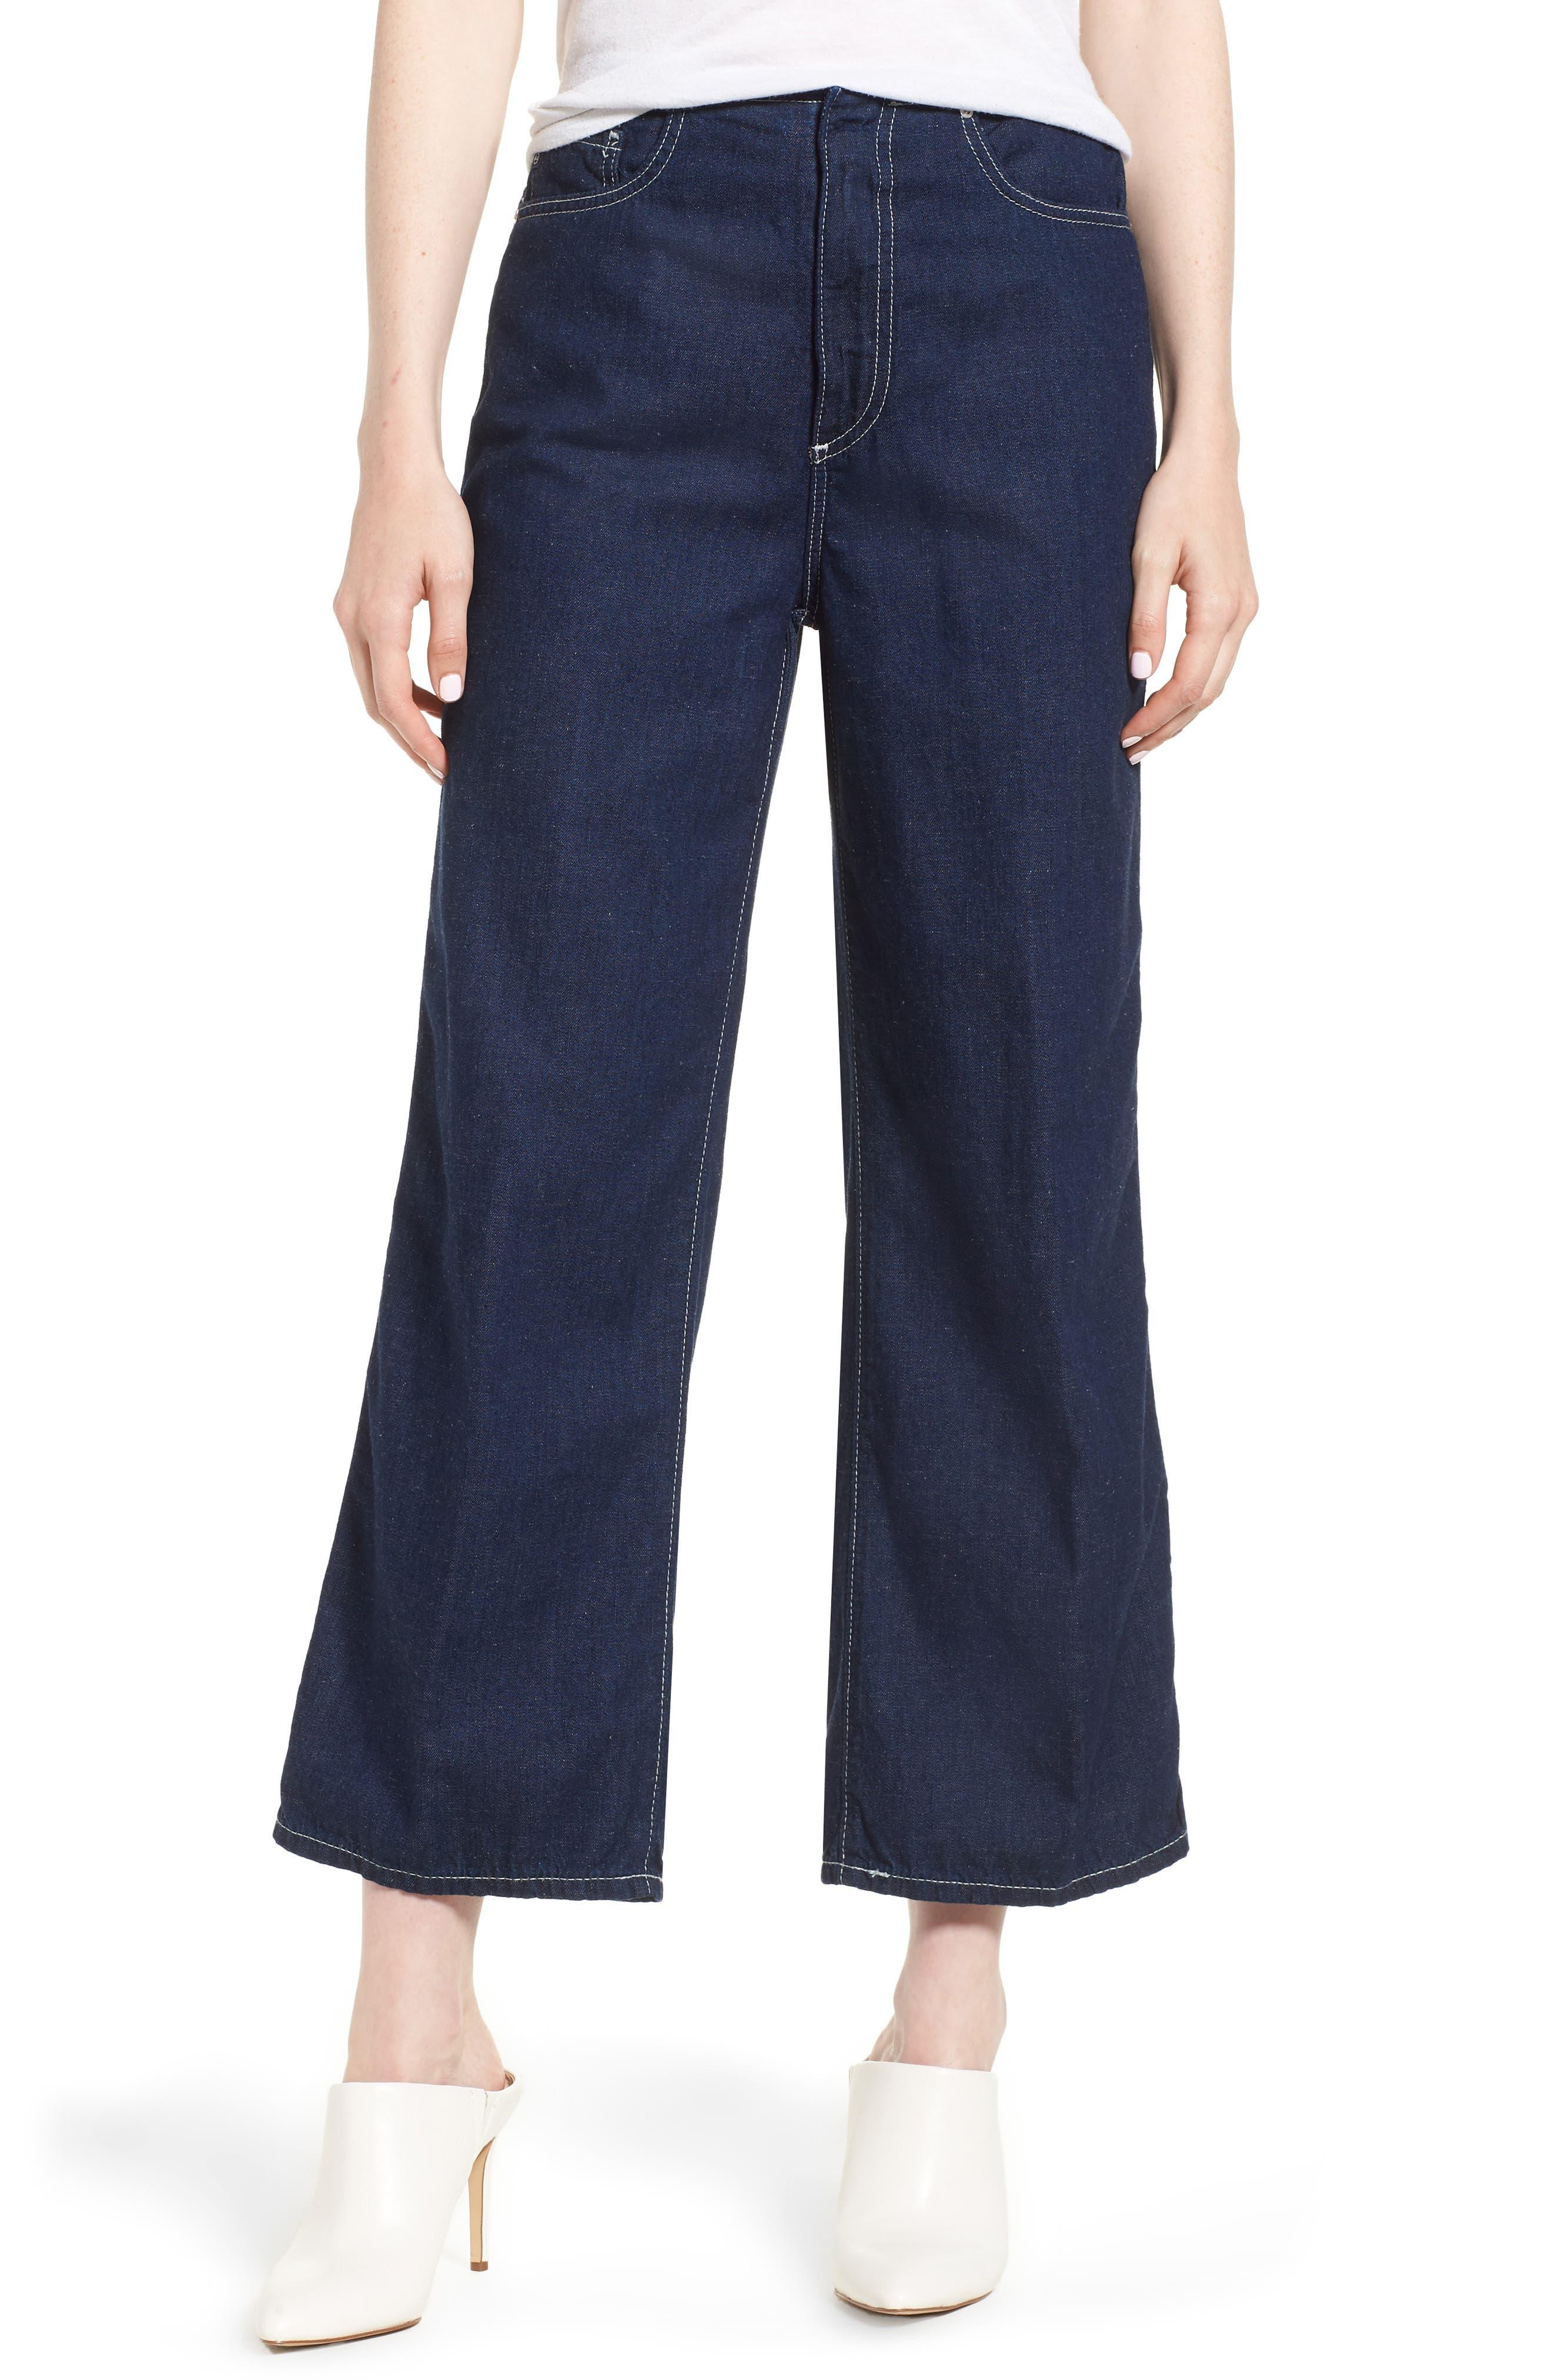 Etta High Waist Crop Wide Leg Jeans,                         Main,                         color, 496